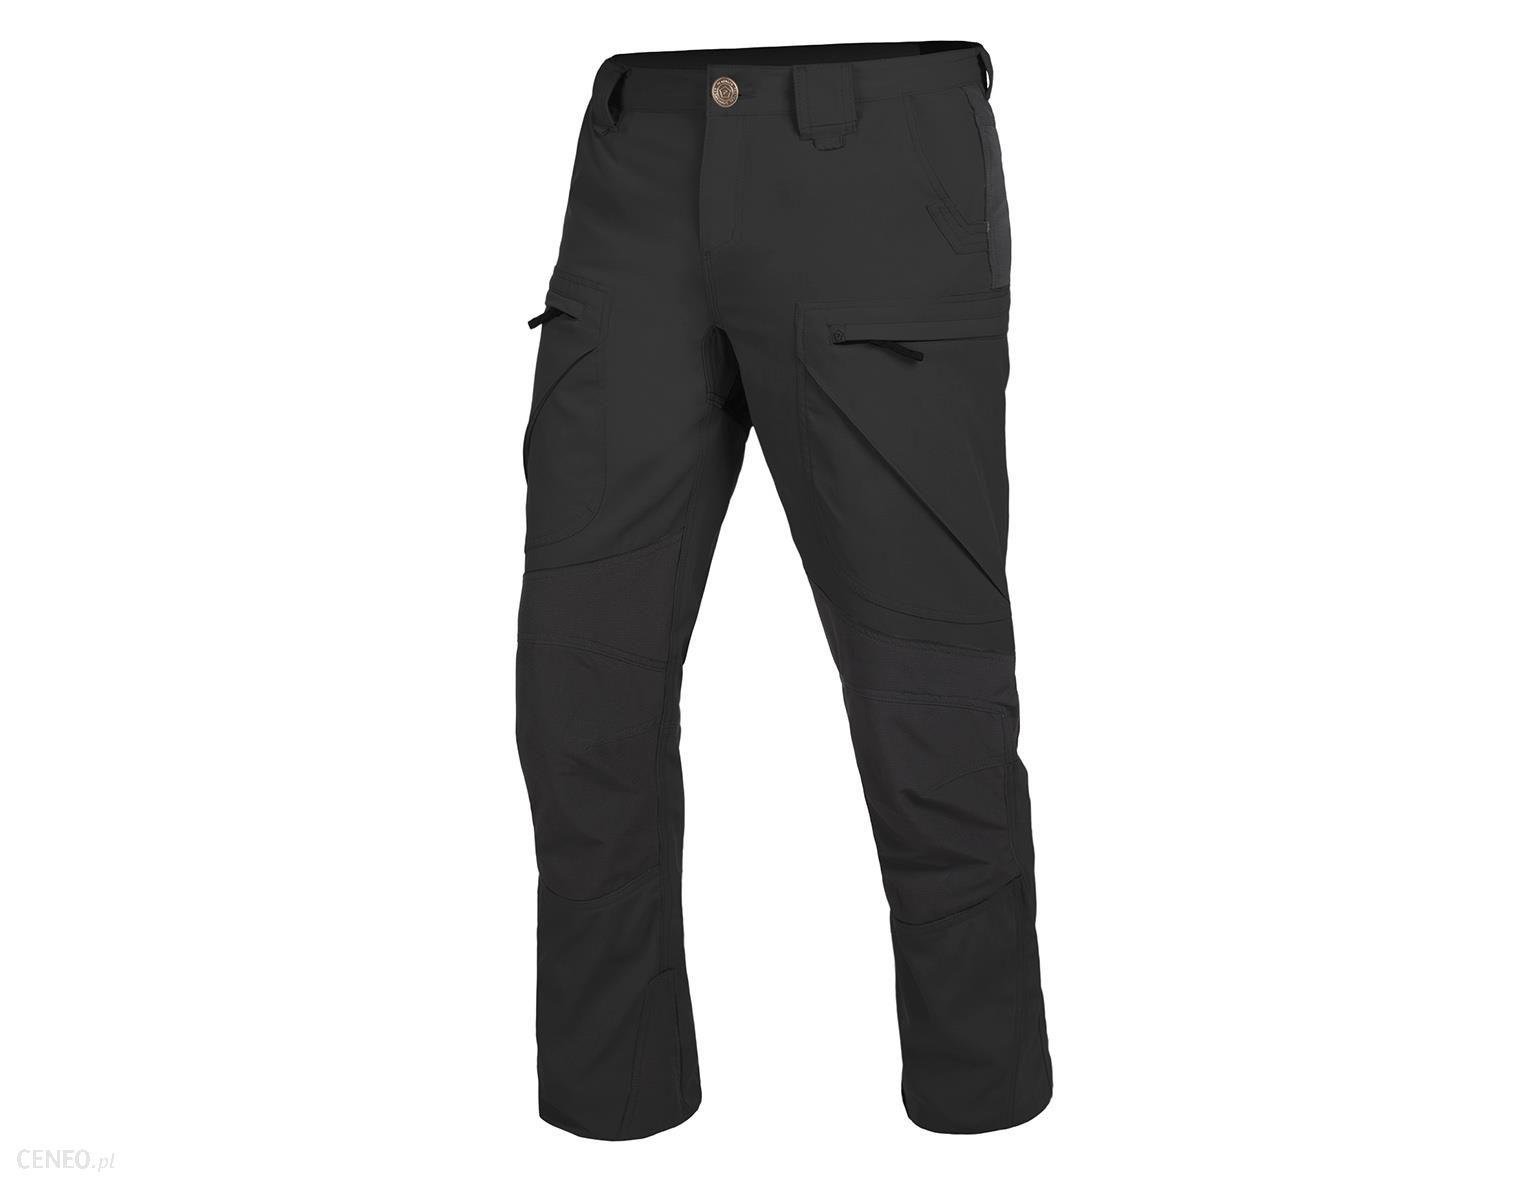 pentagon Spodnie Vorras Black K05016 01 BL